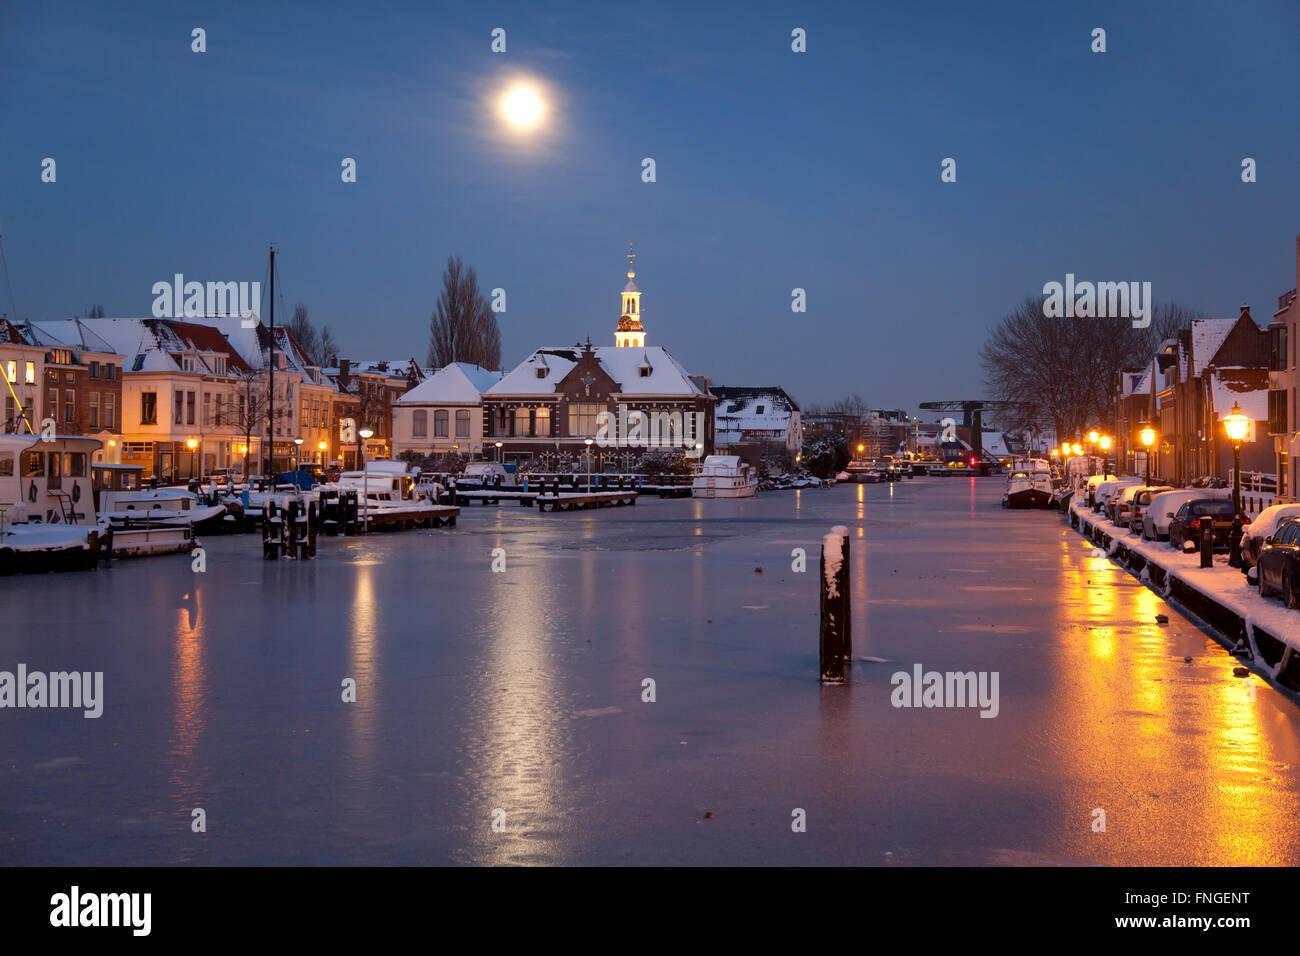 Harbour in moonlight in the city of Leiden in winter - Stock Image